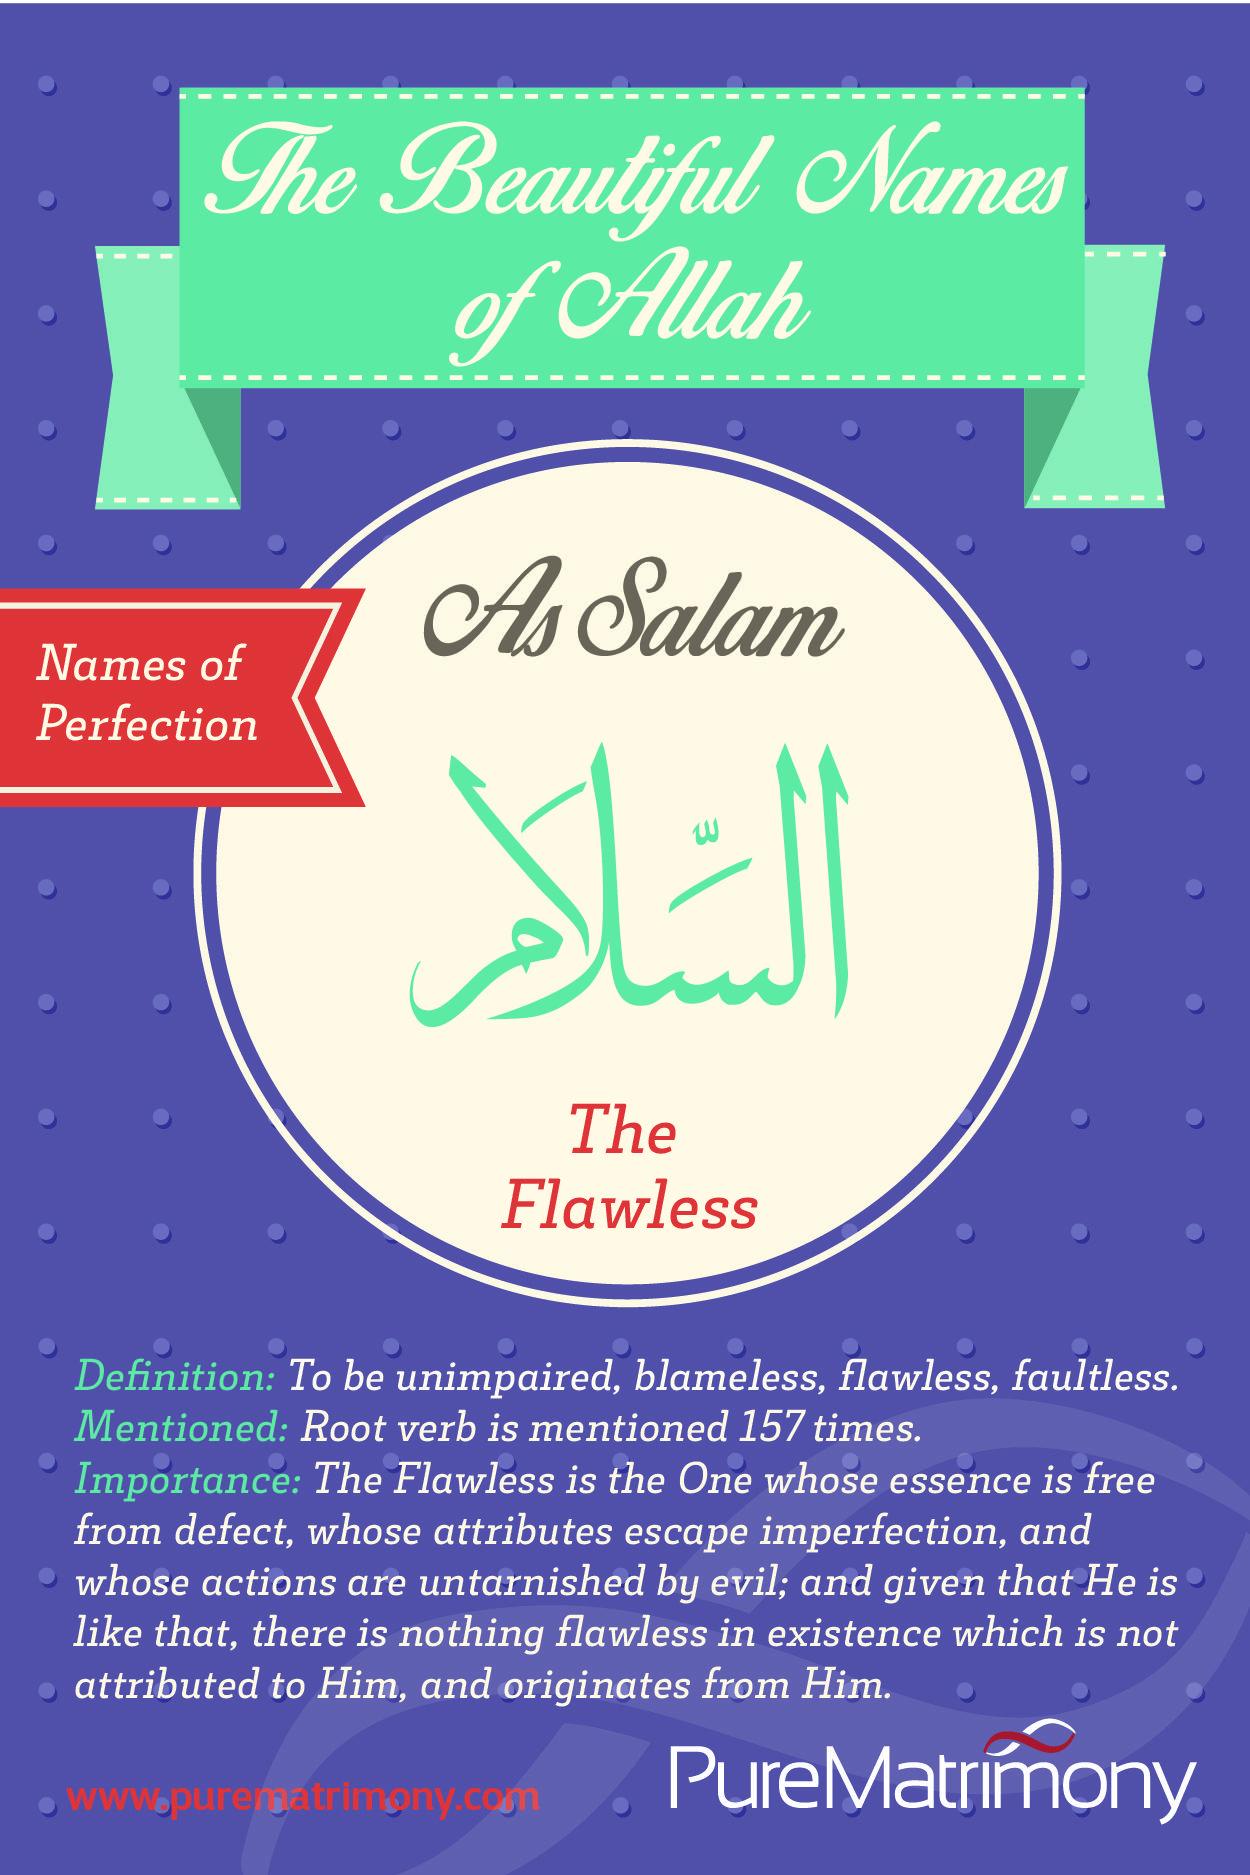 Pin by Mareena Dameer on Islamic stuff Beautiful names